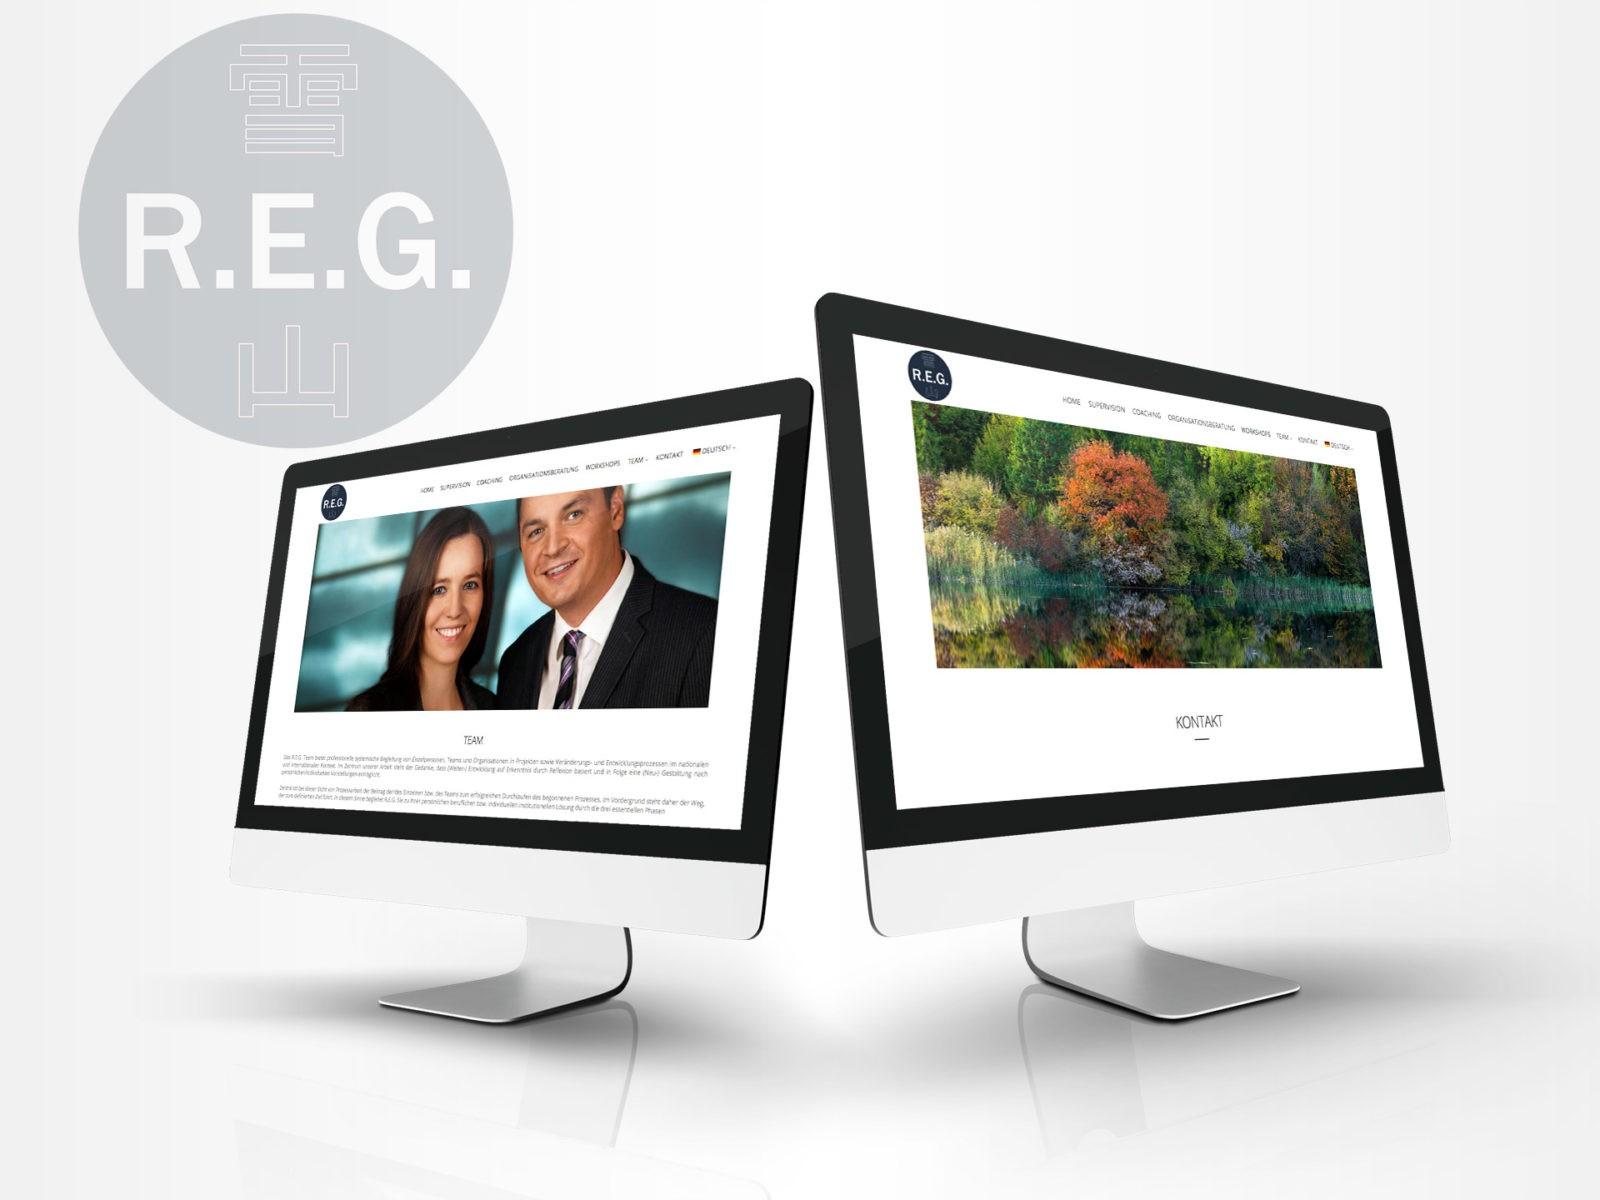 Neues Webdesign für REG.CO.AT - Reflektieren.Entwickeln.Gestalten.